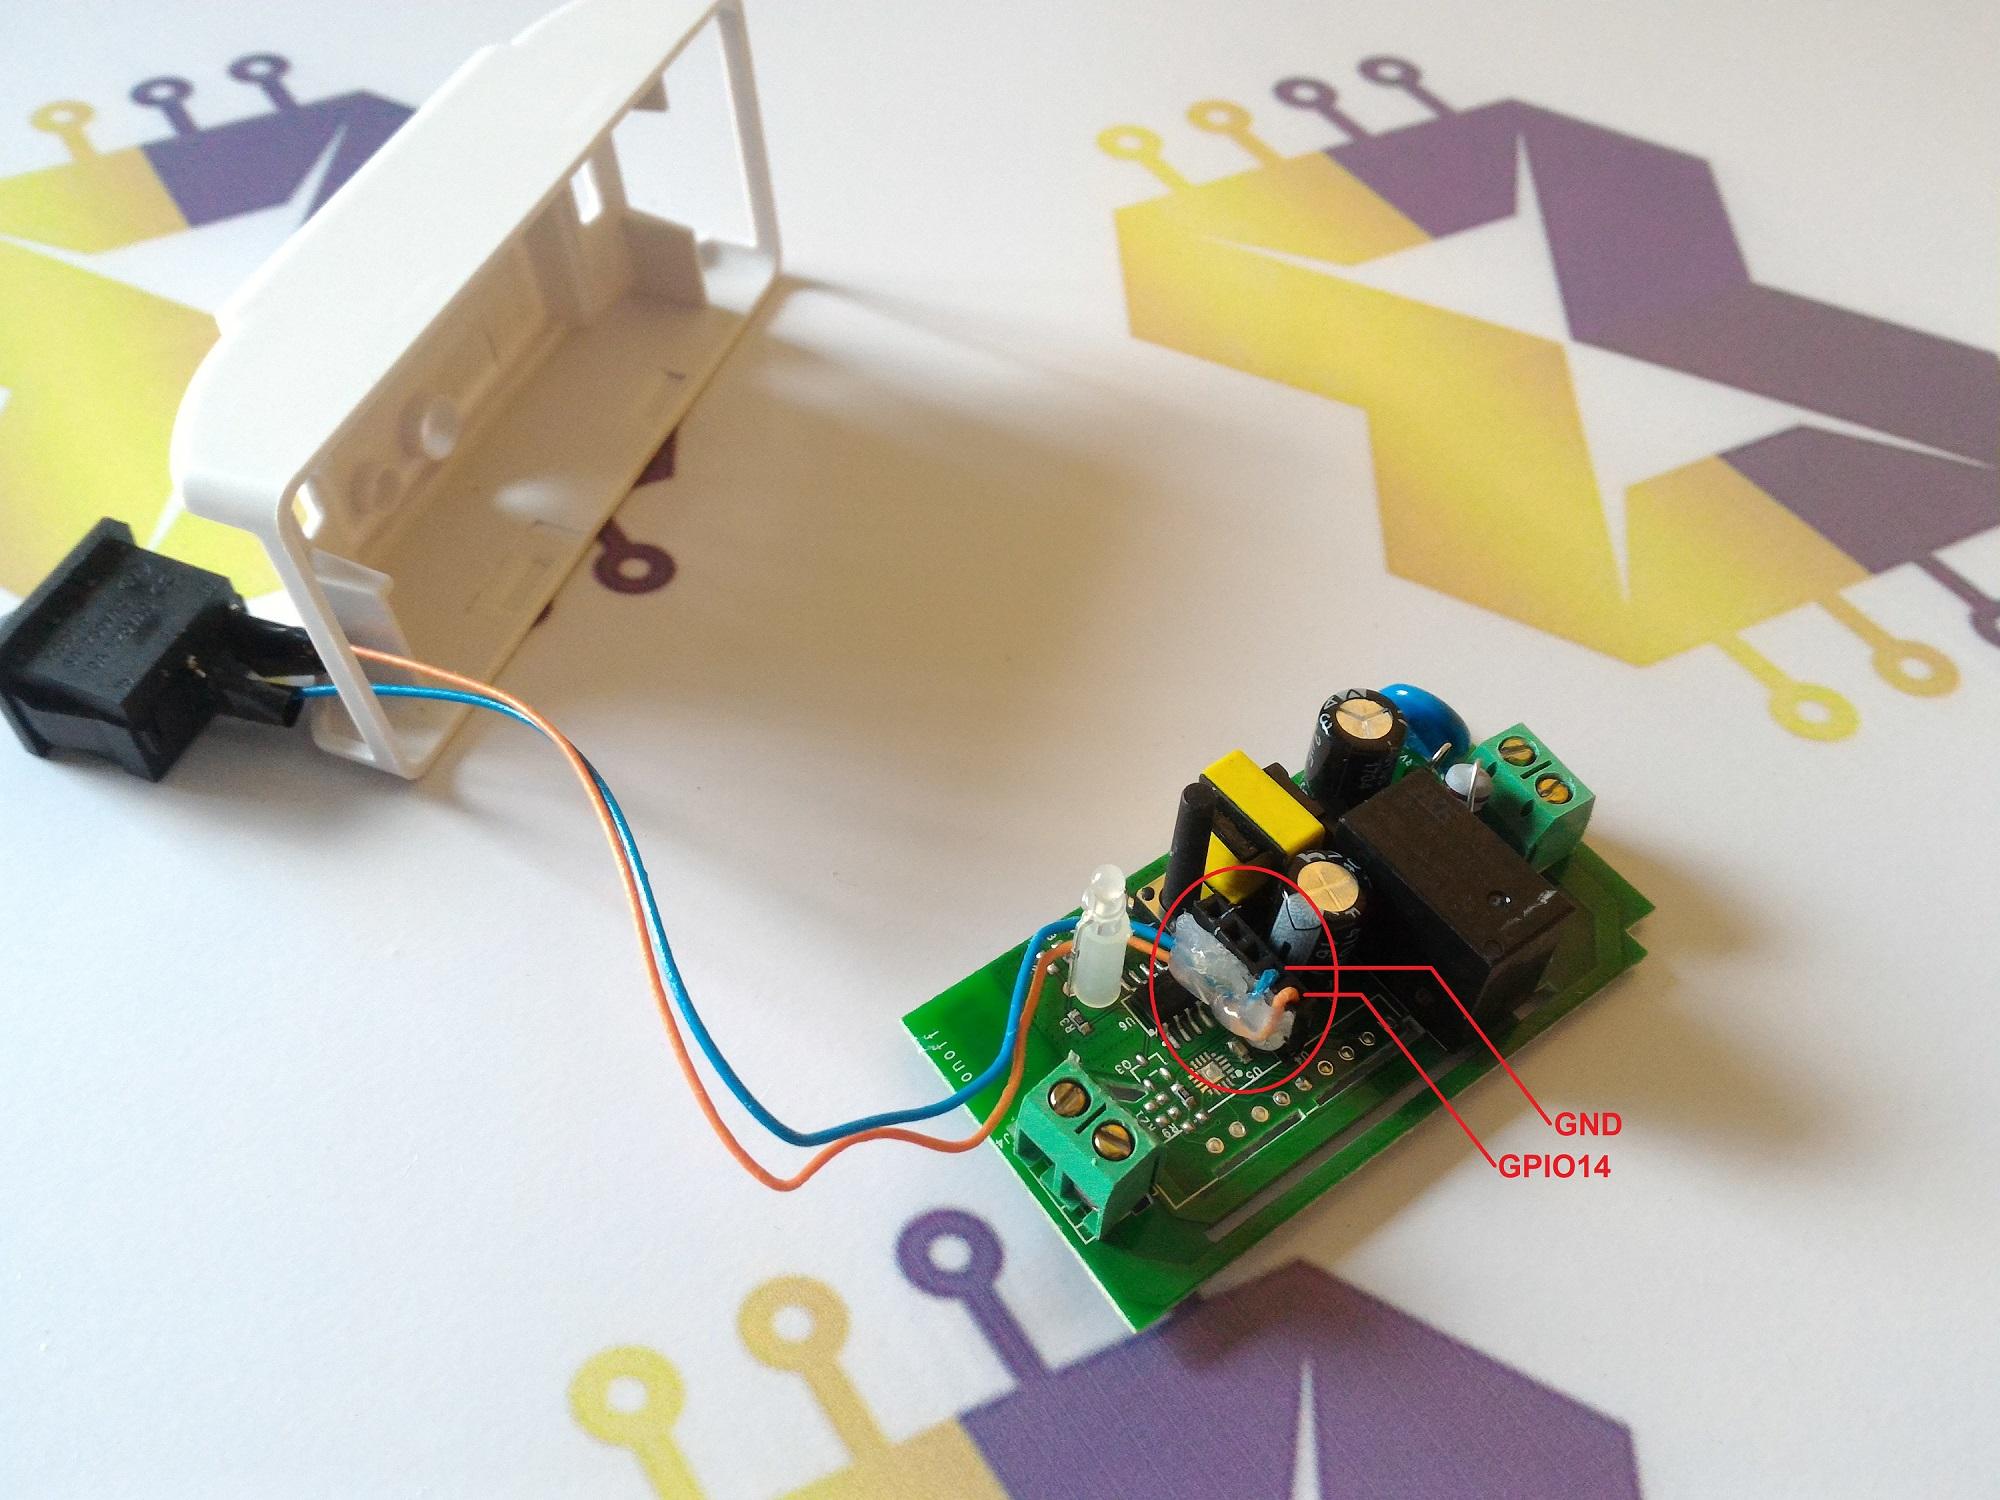 img16_controlando_o_sonoff_atraves_do_blynk_e_interruptor_pulsador_arduino_esp8266_nodemcu_automacao_web_android_iphone_app_ewelink